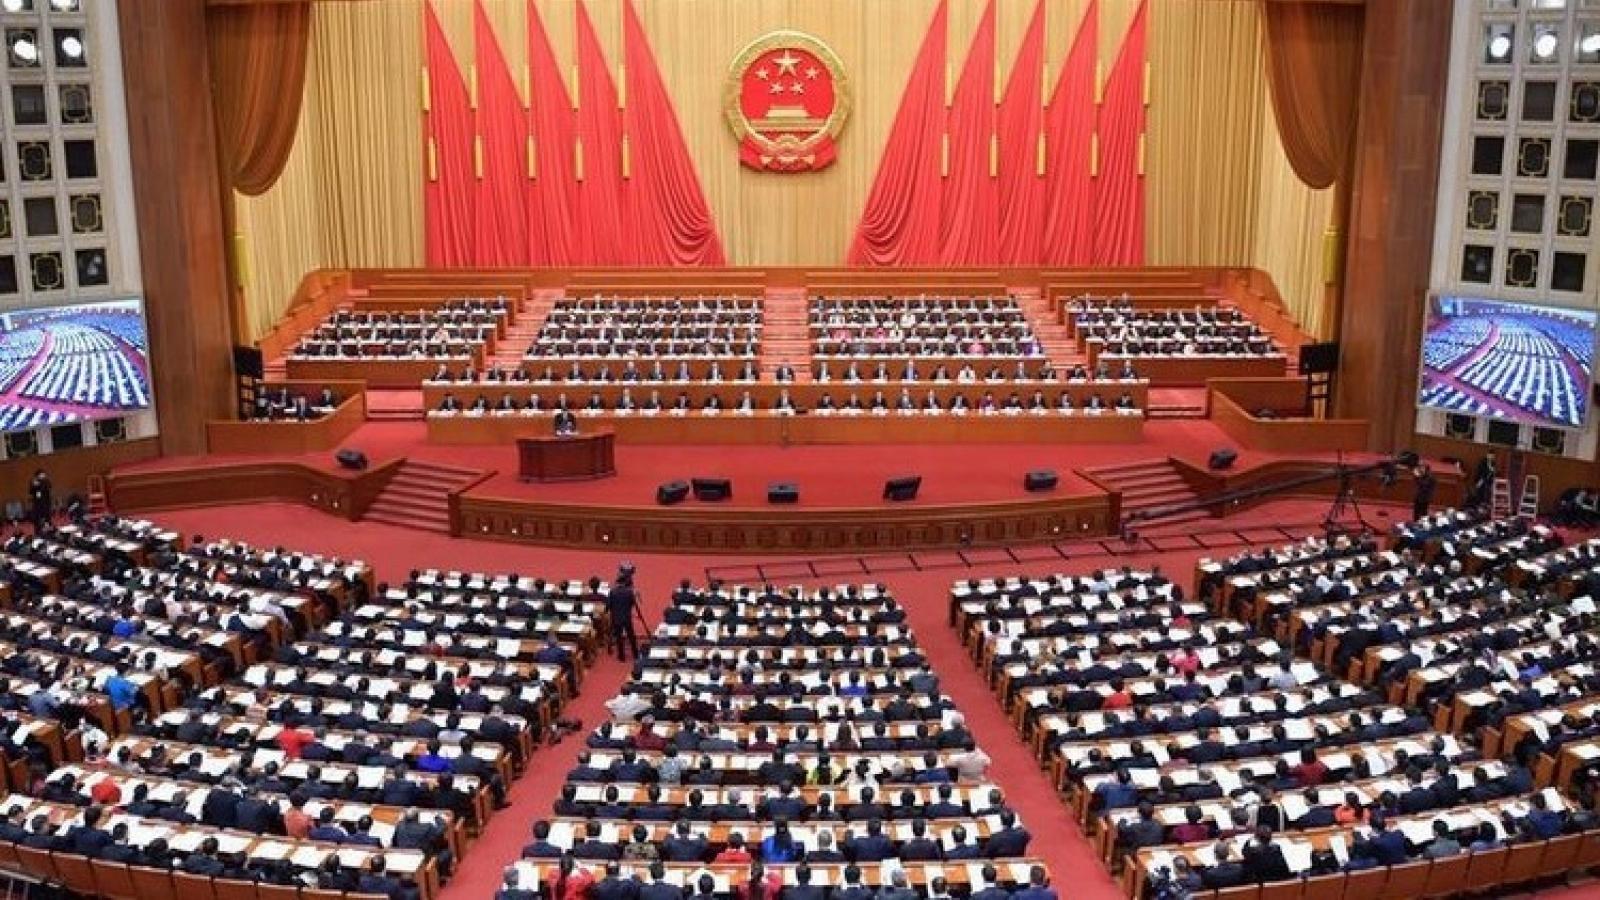 Trung Quốc sẽ tổ chức Hội nghị Trung ương 5 khóa 19 vào tháng 10